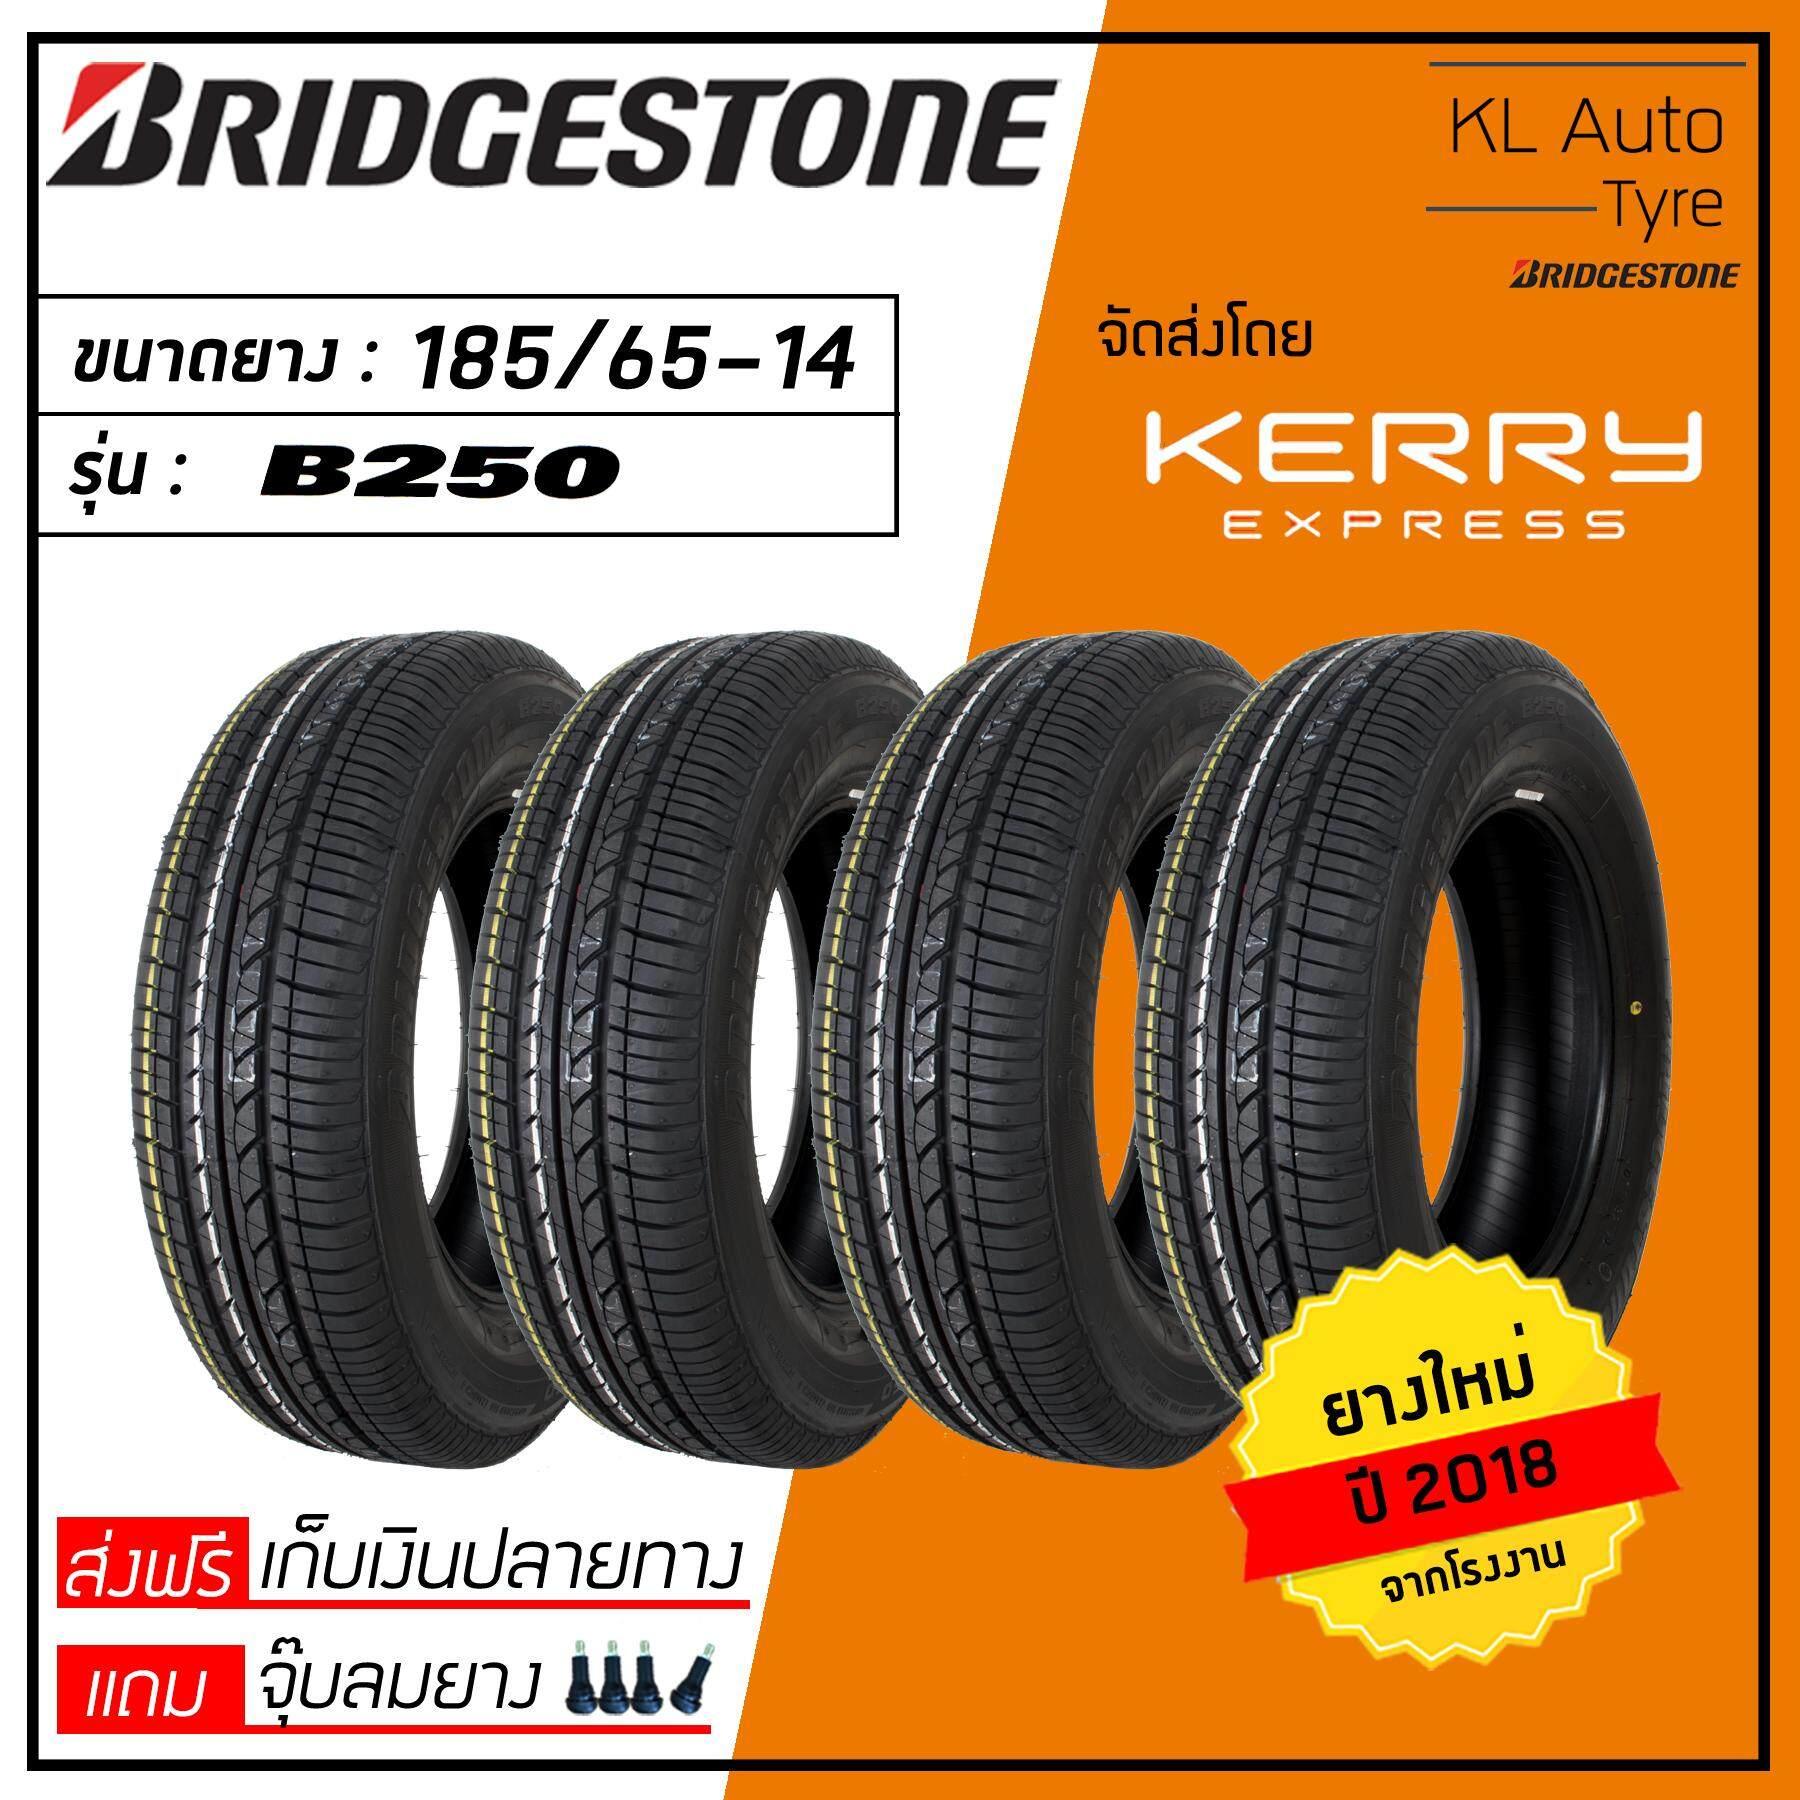 ประกันภัย รถยนต์ 3 พลัส ราคา ถูก แพร่ Bridgestone 185/65-14 B250 4 เส้น ปี 18 (ฟรี จุ๊บยาง 4 ตัว มูลค่า 200 บาท)